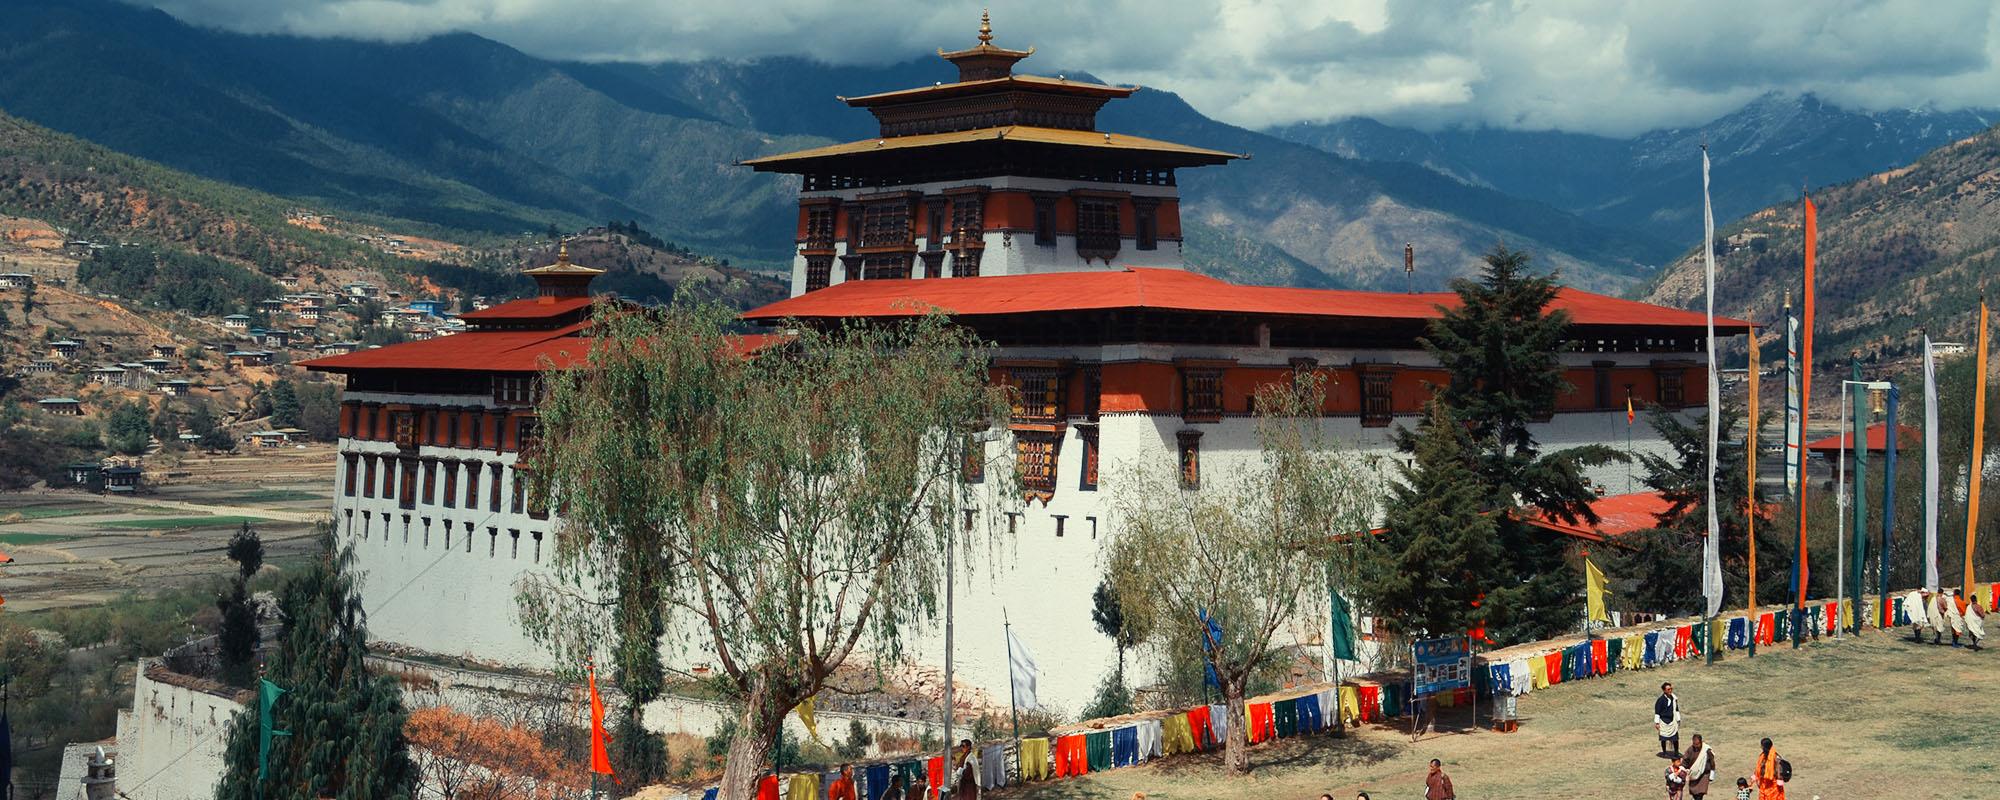 BEST PLACES TO VISIT BHUTAN